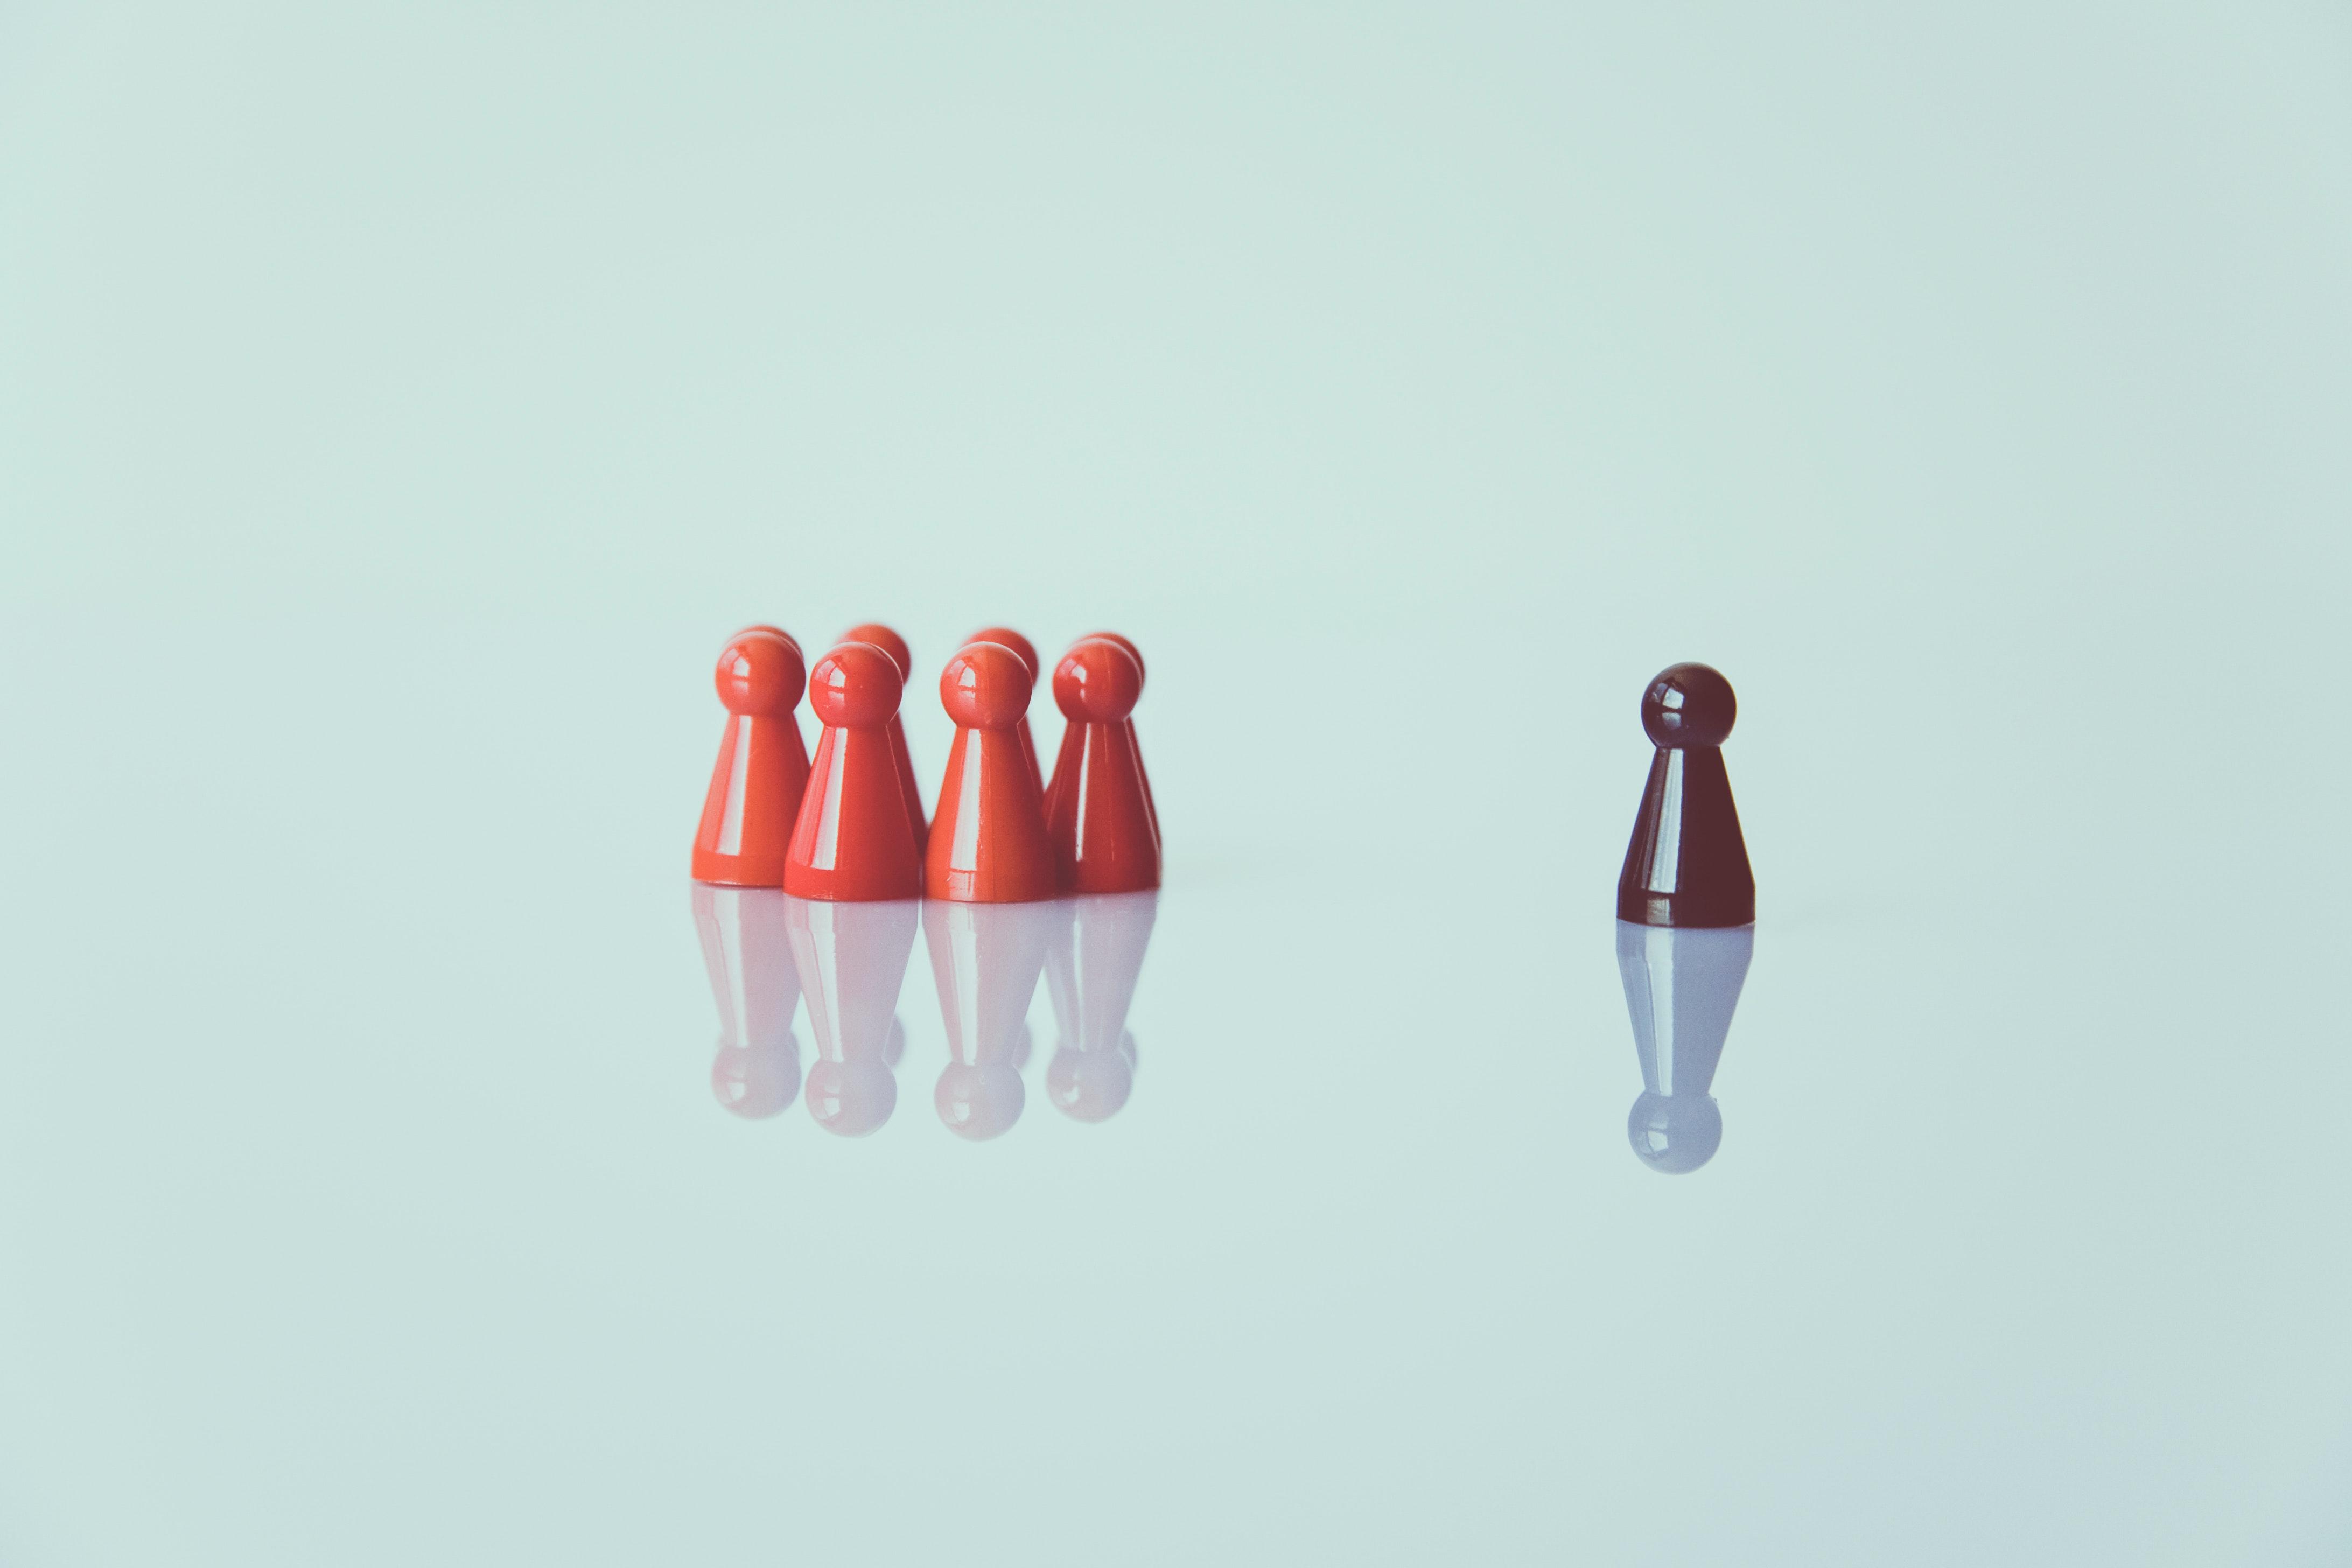 新創品牌如何深植人心?以價值差異化打造富果品牌